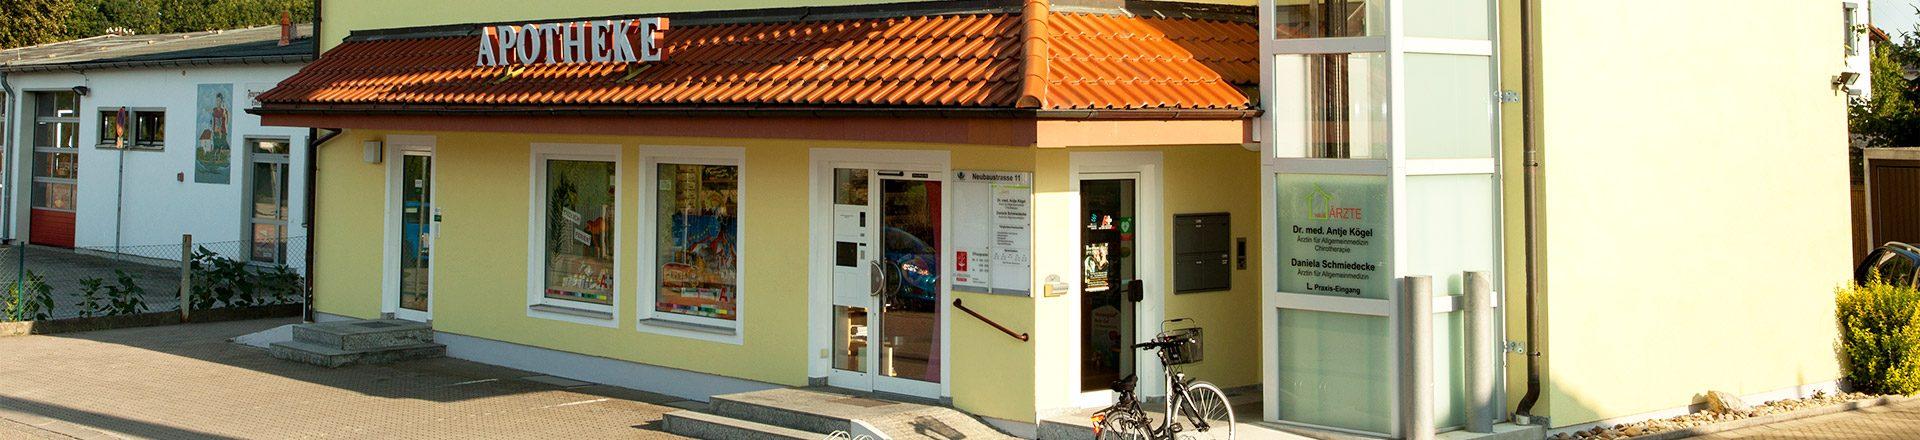 Die Apotheke in Ittling bei Straubing